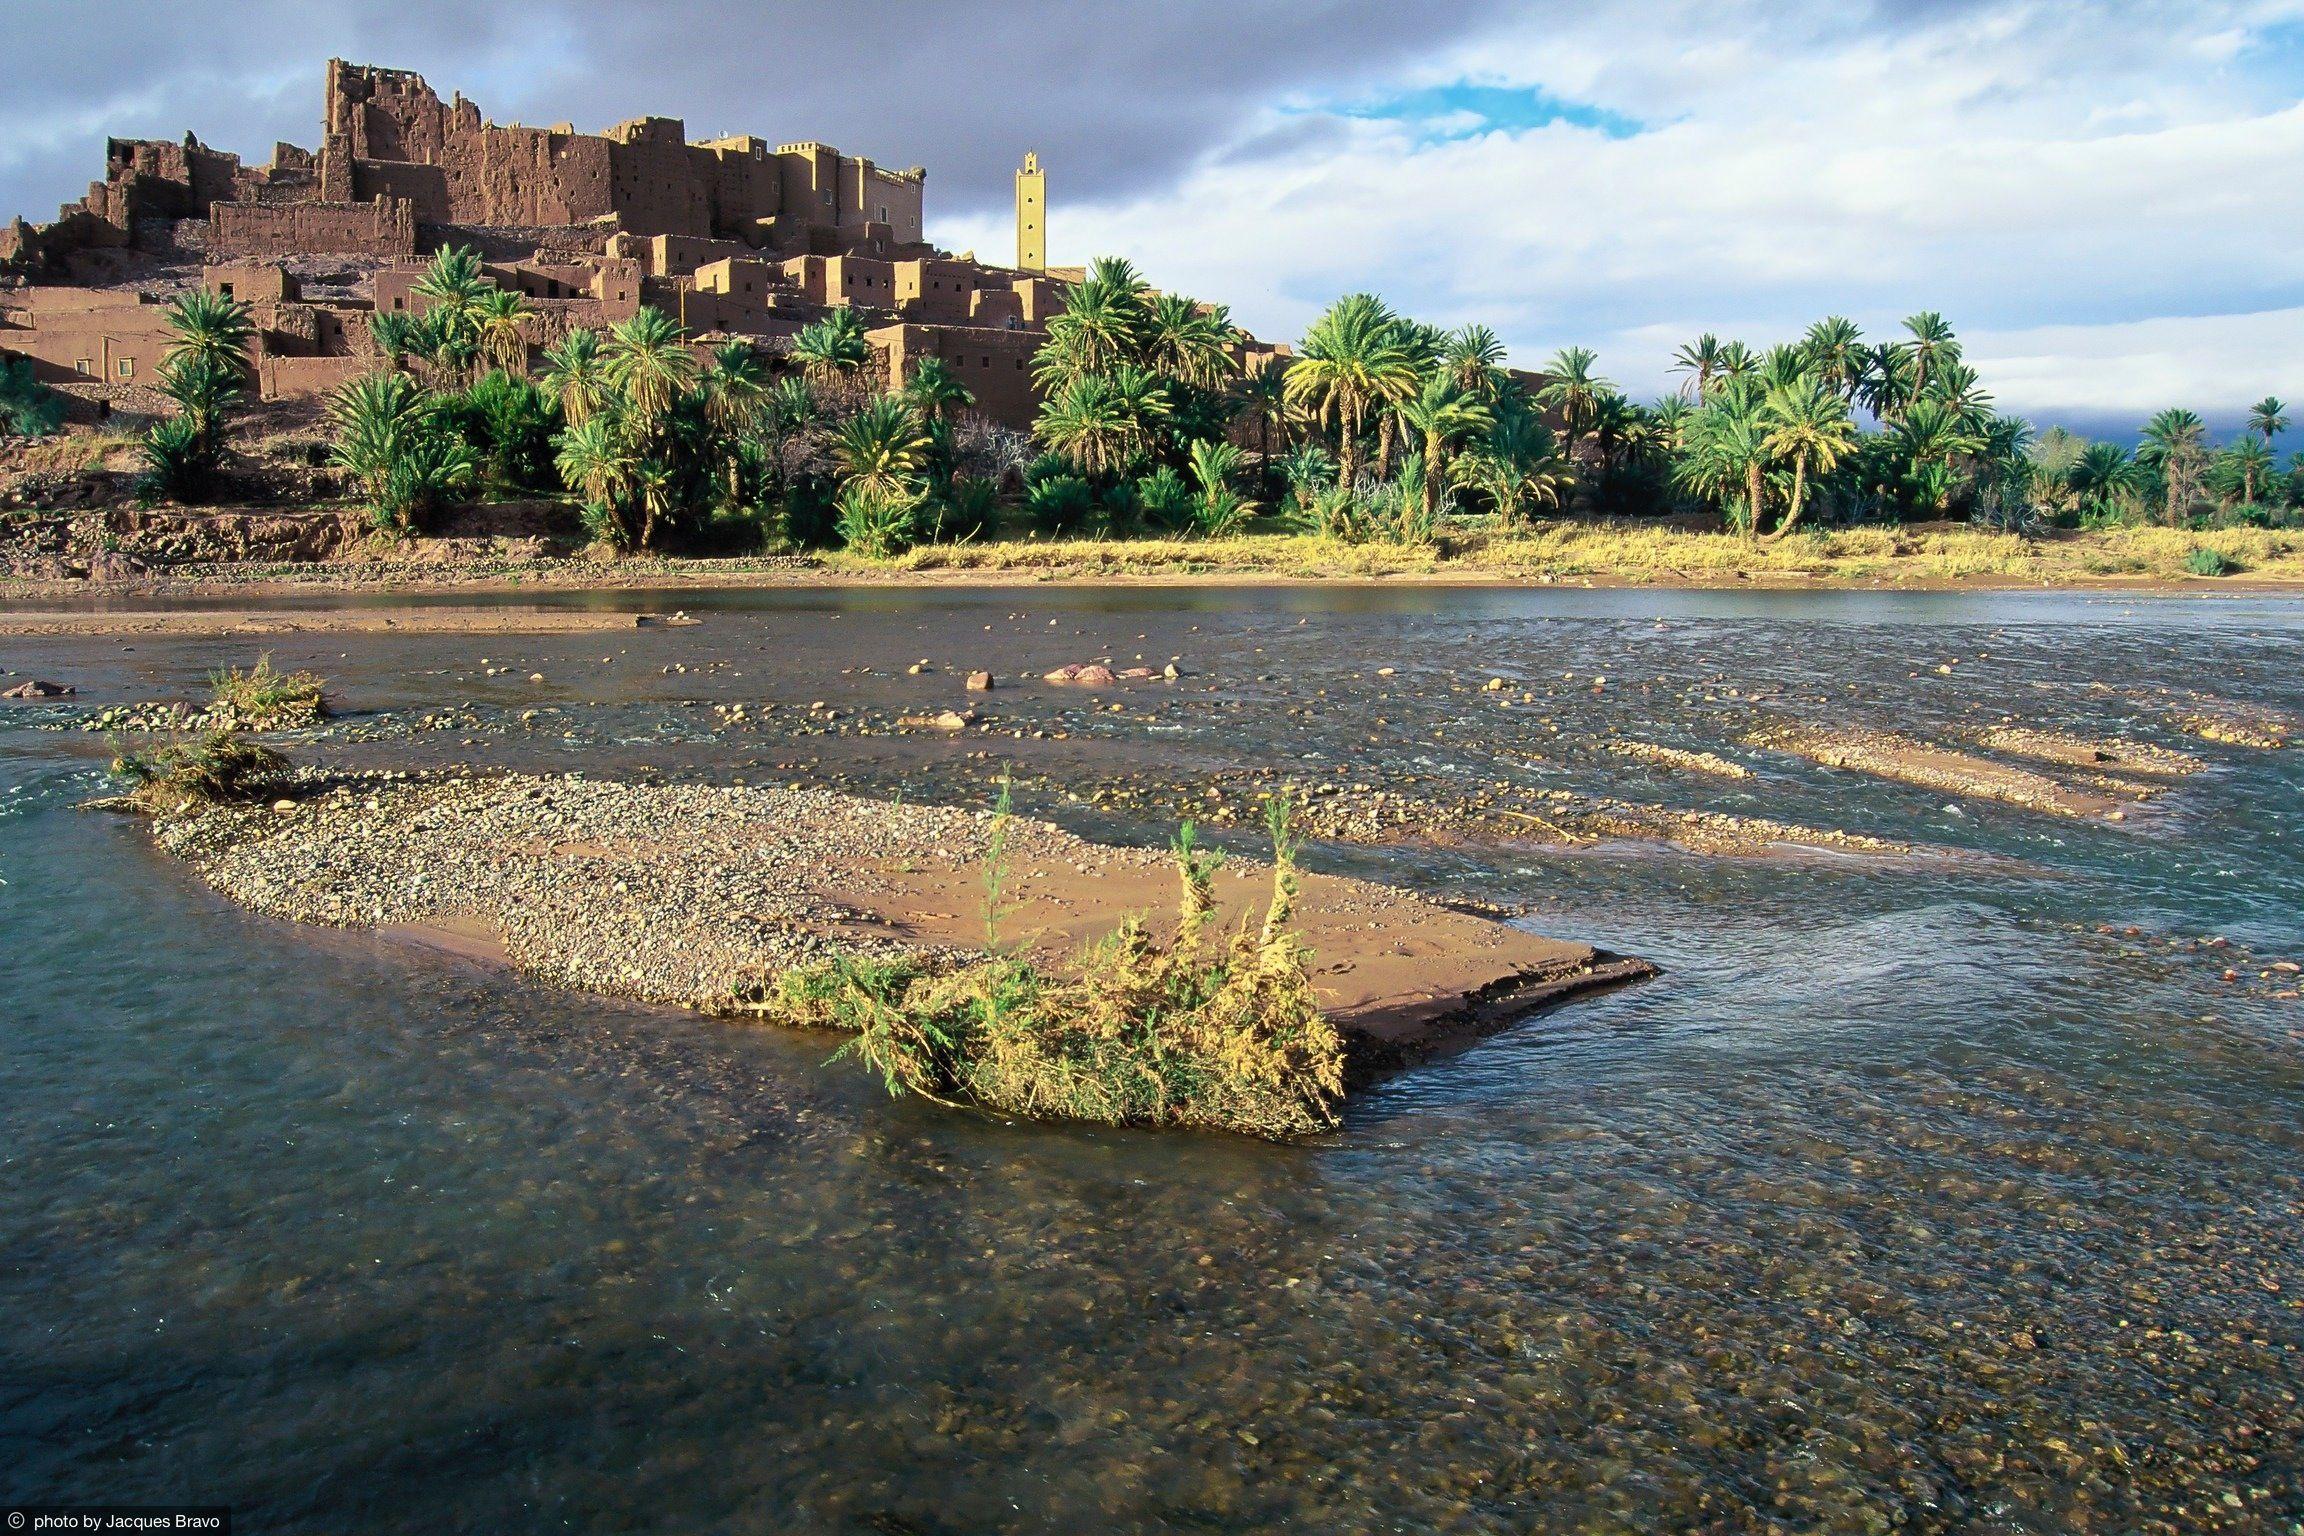 e day i will explore Tifoultoute Kasbah